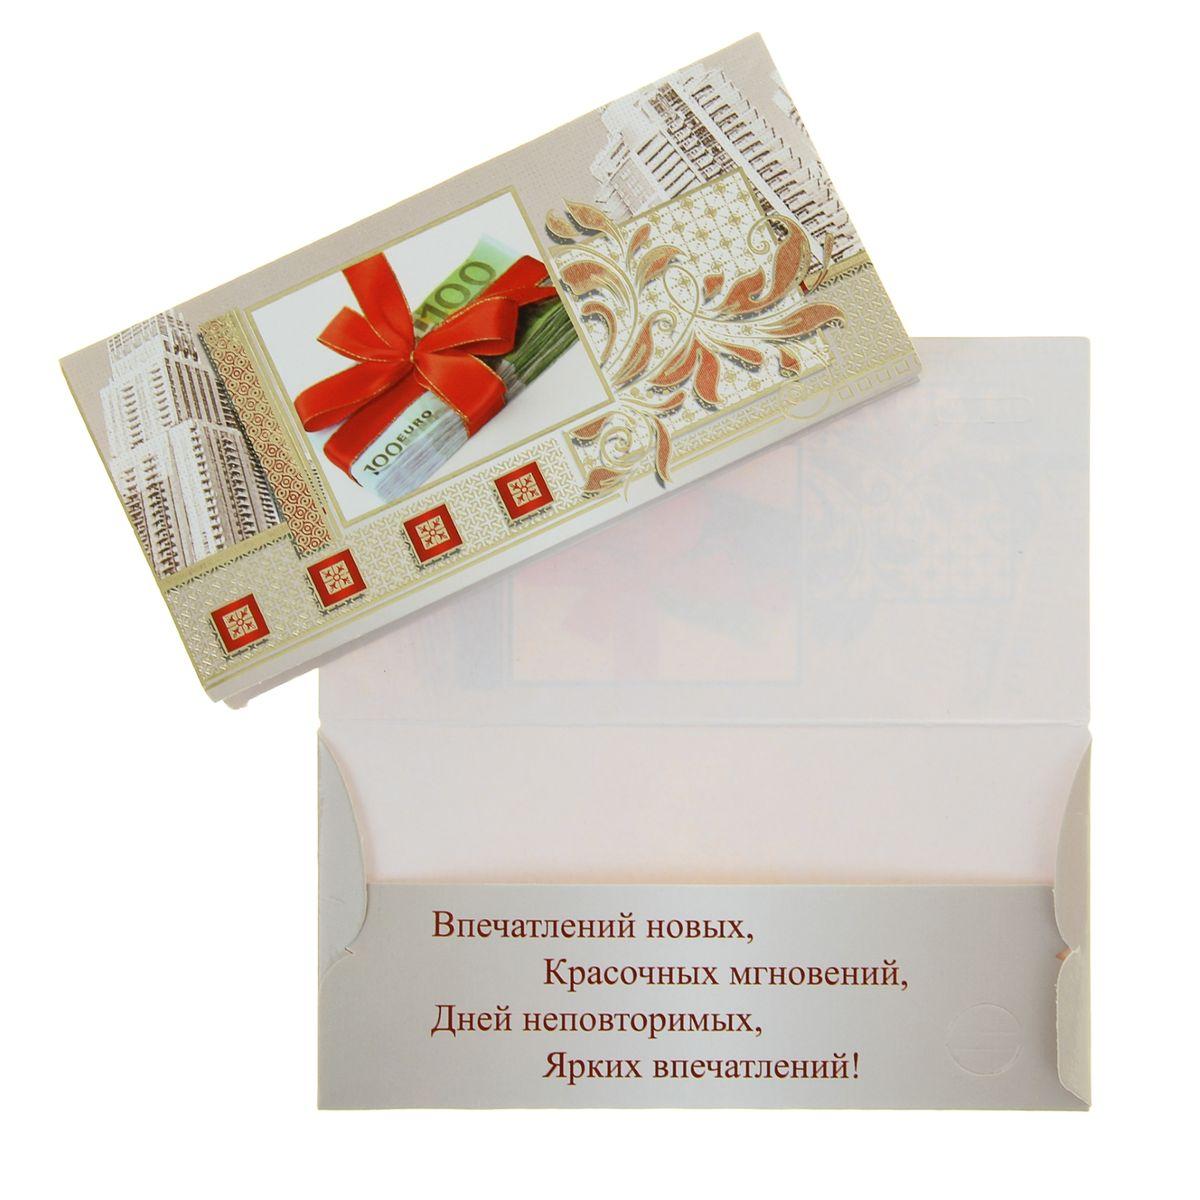 время поздравление прикольное на свадьбу к конверту с деньгами фотопечатью занимают значимое